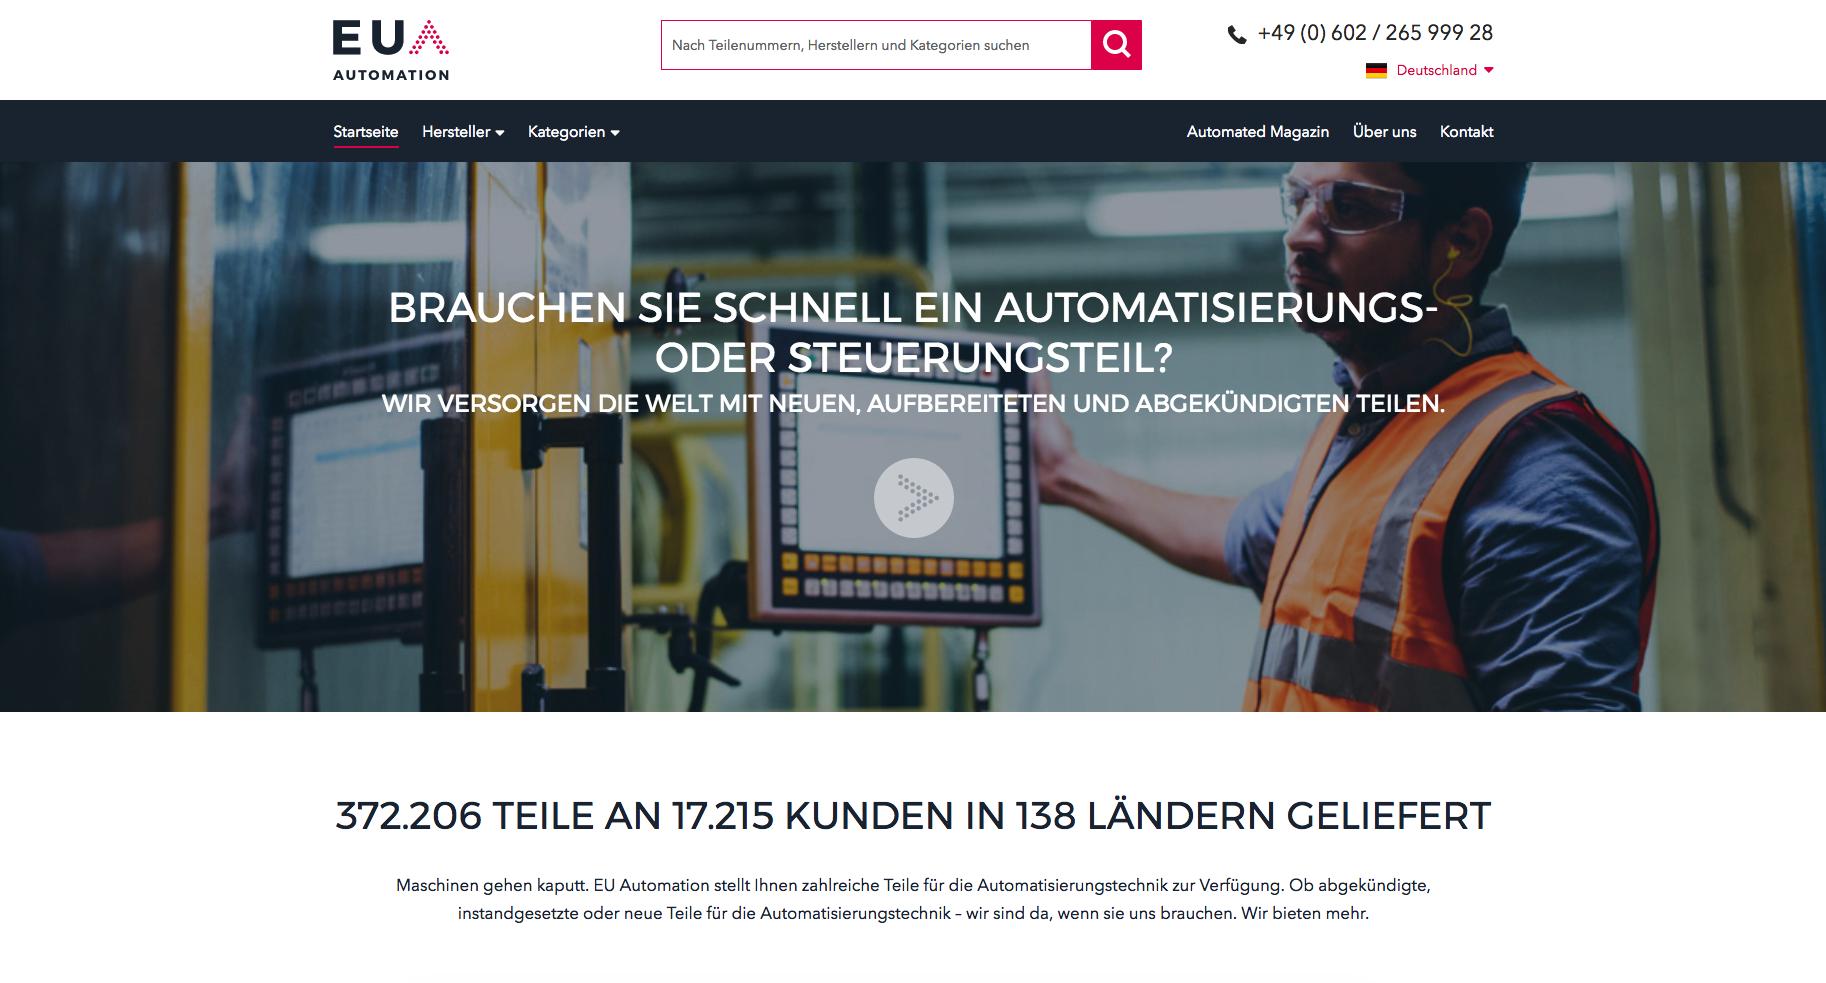 Anwenderbeispiel EU Automation